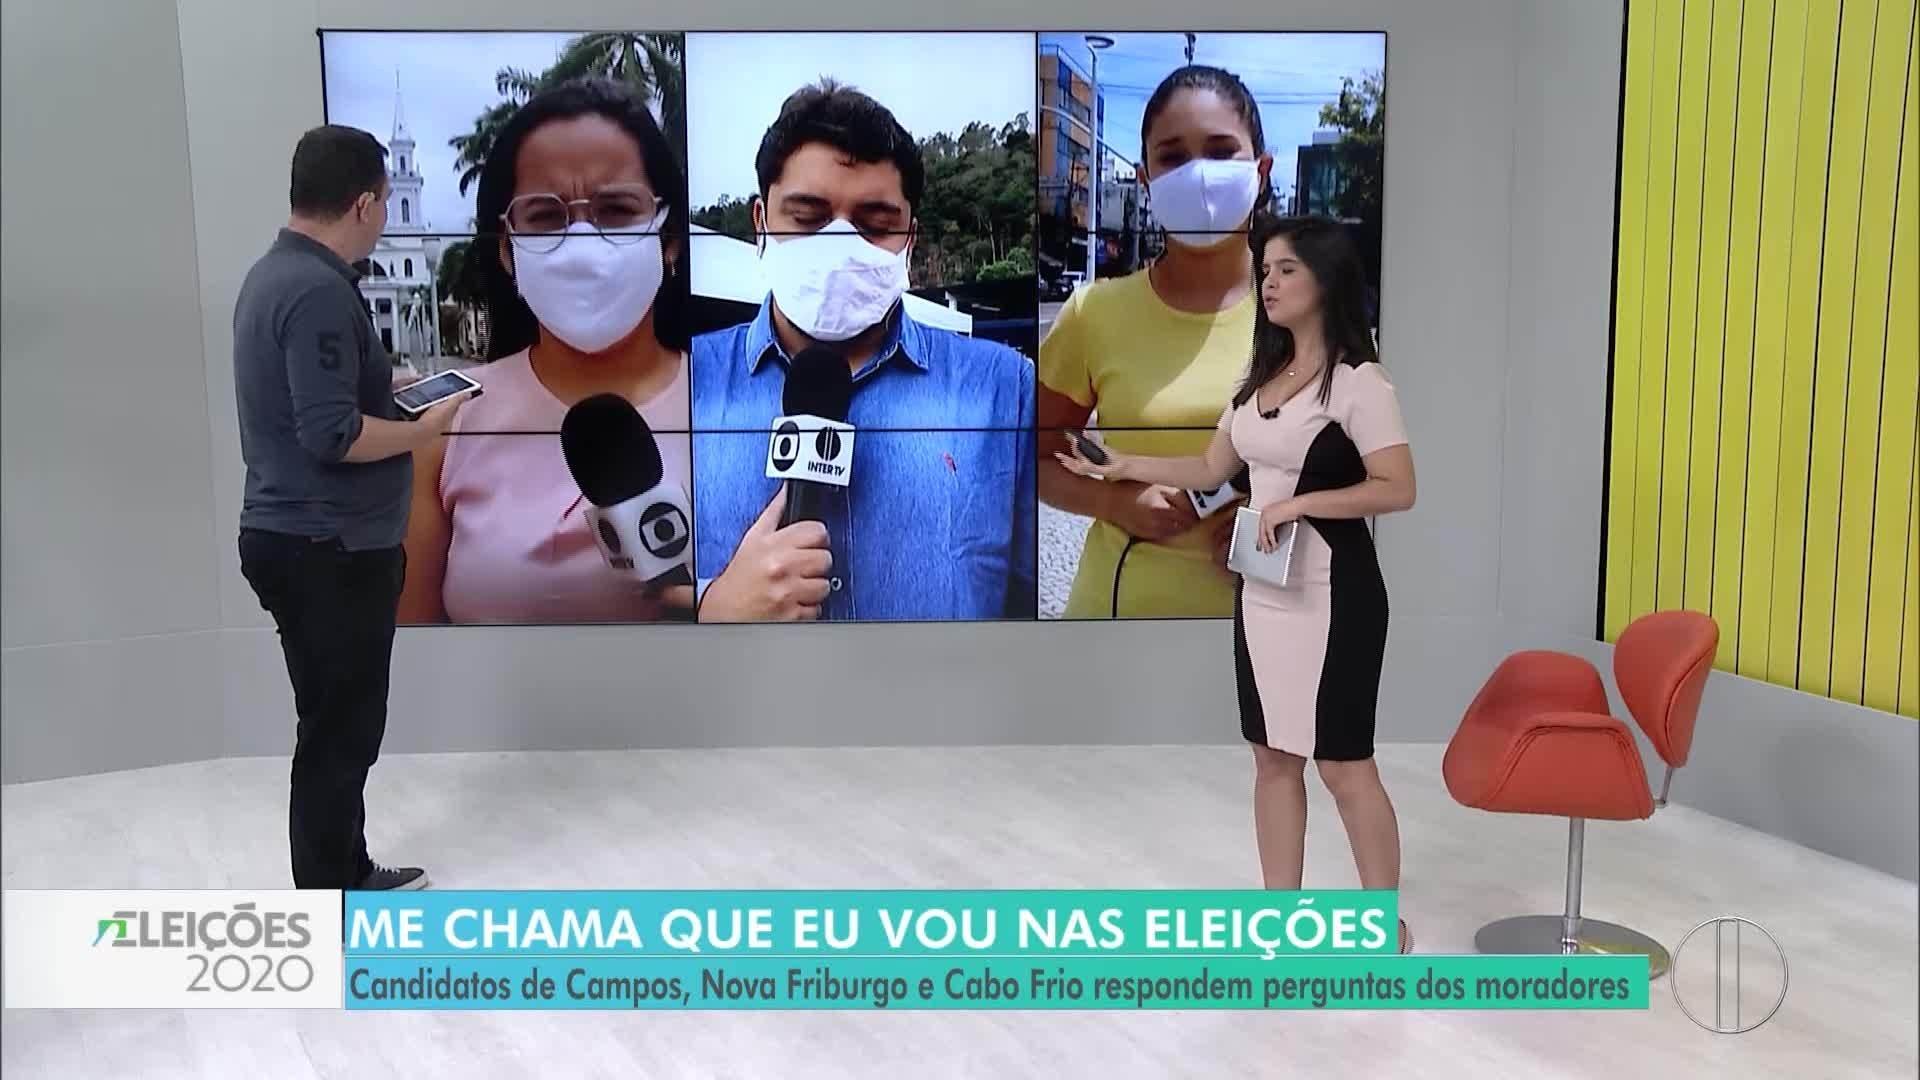 VÍDEOS: 'Me chama que eu vou' Eleições 2020 - Nova Friburgo